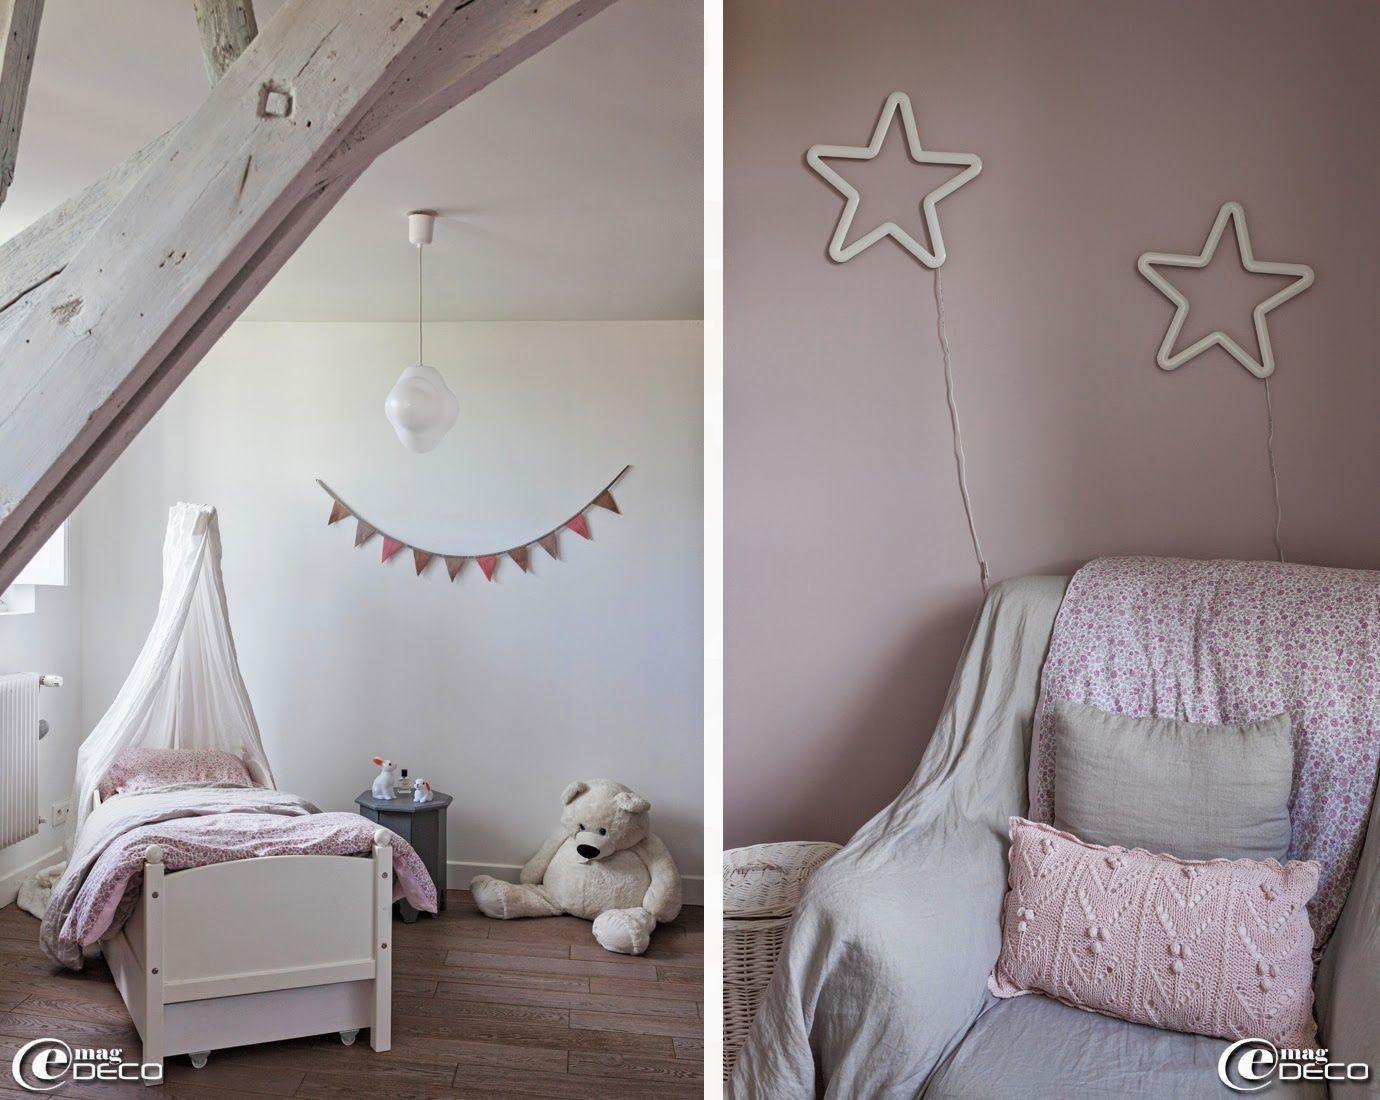 nimbus linge de lit Lit en bois et linge de lit 'AM.PM.' avec un ciel de lit 'Jacadi  nimbus linge de lit